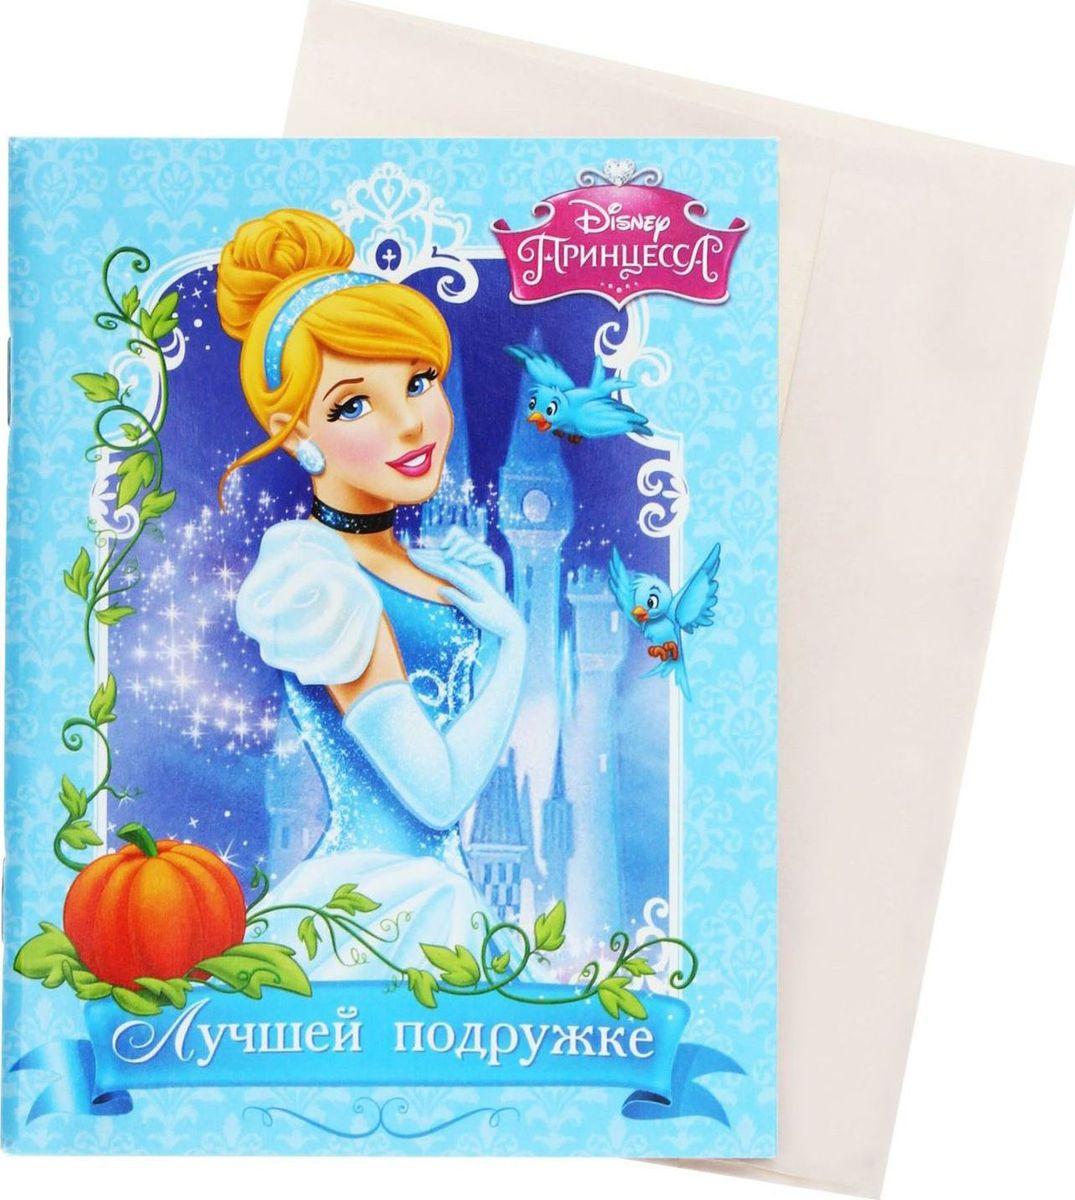 Disney Блокнот-открытка Принцессы Лучшей подружке 32 листа1121647Перед вами уникальная разработка - блокнот-открытка Disney Принцессы. Лучшей подружке. С одной стороны, это яркая открытка с героиней любимого мультфильма, а стоит заглянуть внутрь, и вы найдете 32 дизайнерских листа с бархатной фактурой. Роскошный сувенир, разработанный специально для маленьких принцесс. В отличие от обычной открытки, которая зачастую просто пылится в шкафу, блокнотом Лучшей подружке приятно пользоваться! Все элементы украшены милыми комплиментами и советами для юных красавиц. Герои мультика Золушка изображены на обложке блокнота и на внутренних листах, так что каждая запись приносит еще больше удовольствия. Эксклюзивный блокнот-открытка будет прекрасным подарком для любимой подруги любого возраста. В подарок к блокноту-открытке вложен универсальный конверт. Подпишите его, открытку и вручите сувенир адресату на любой праздник.